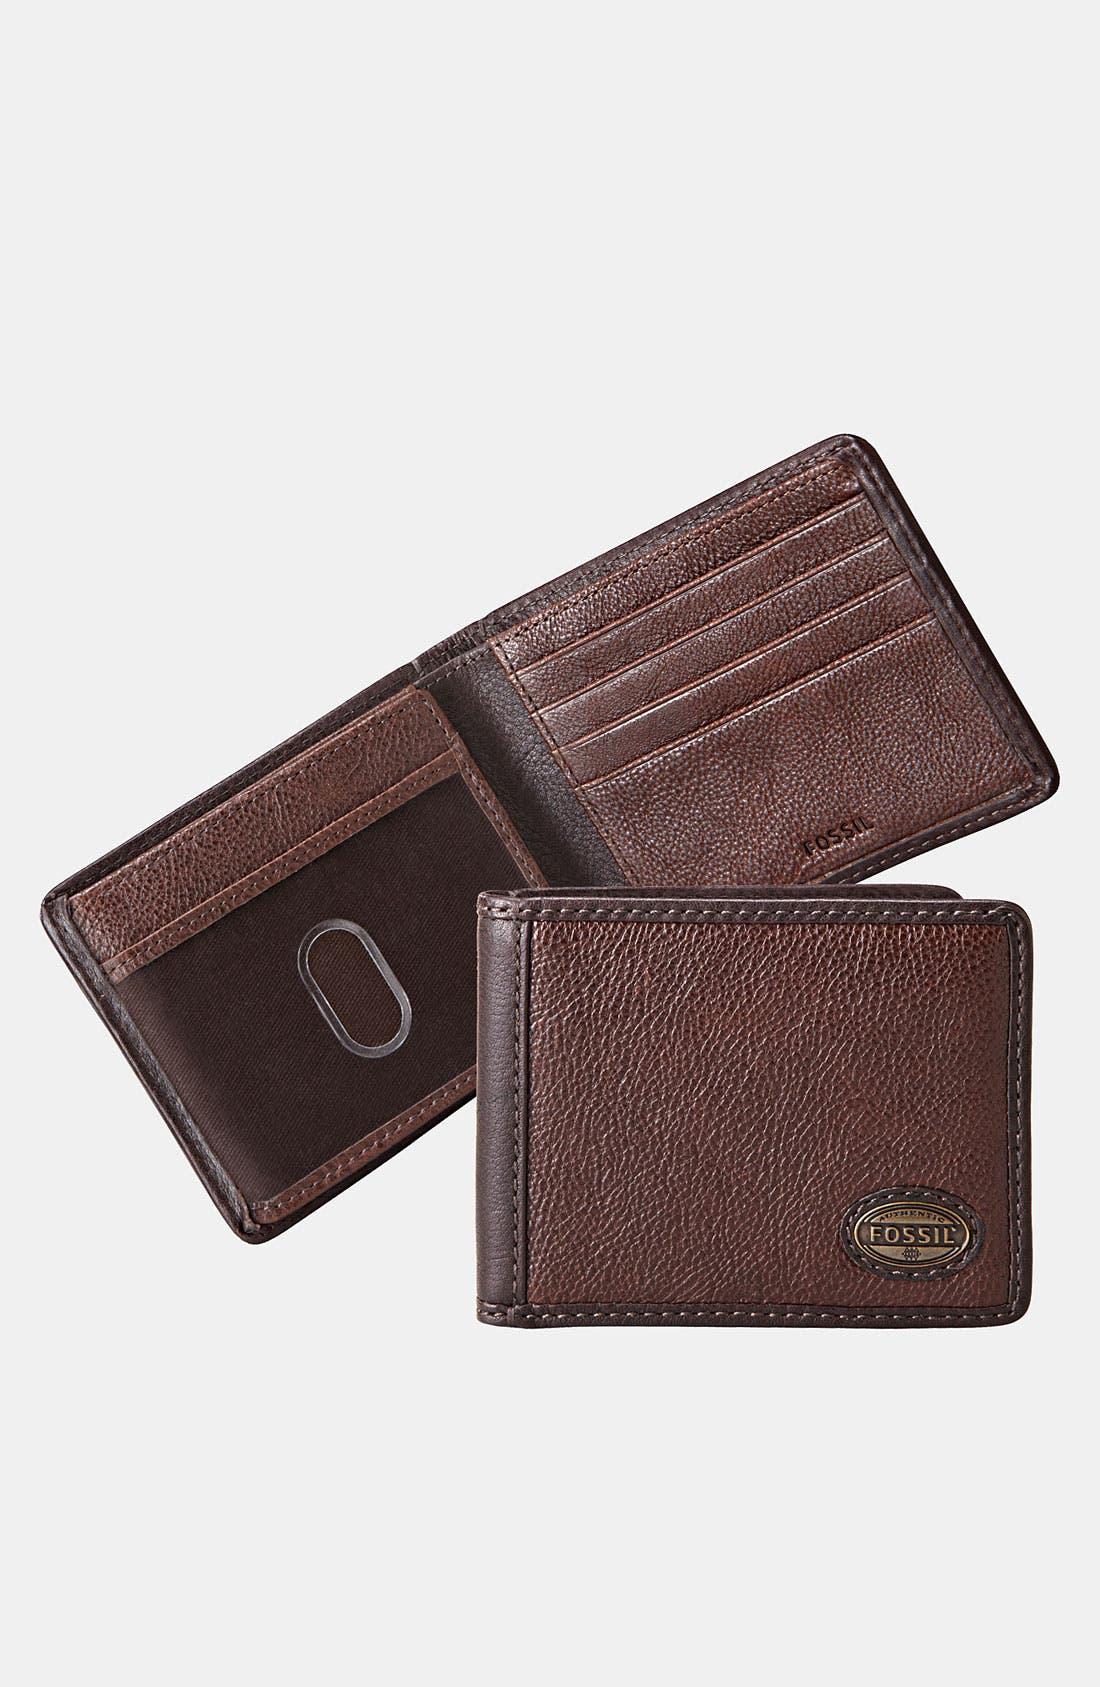 Alternate Image 1 Selected - Fossil 'Estate Traveler' Wallet